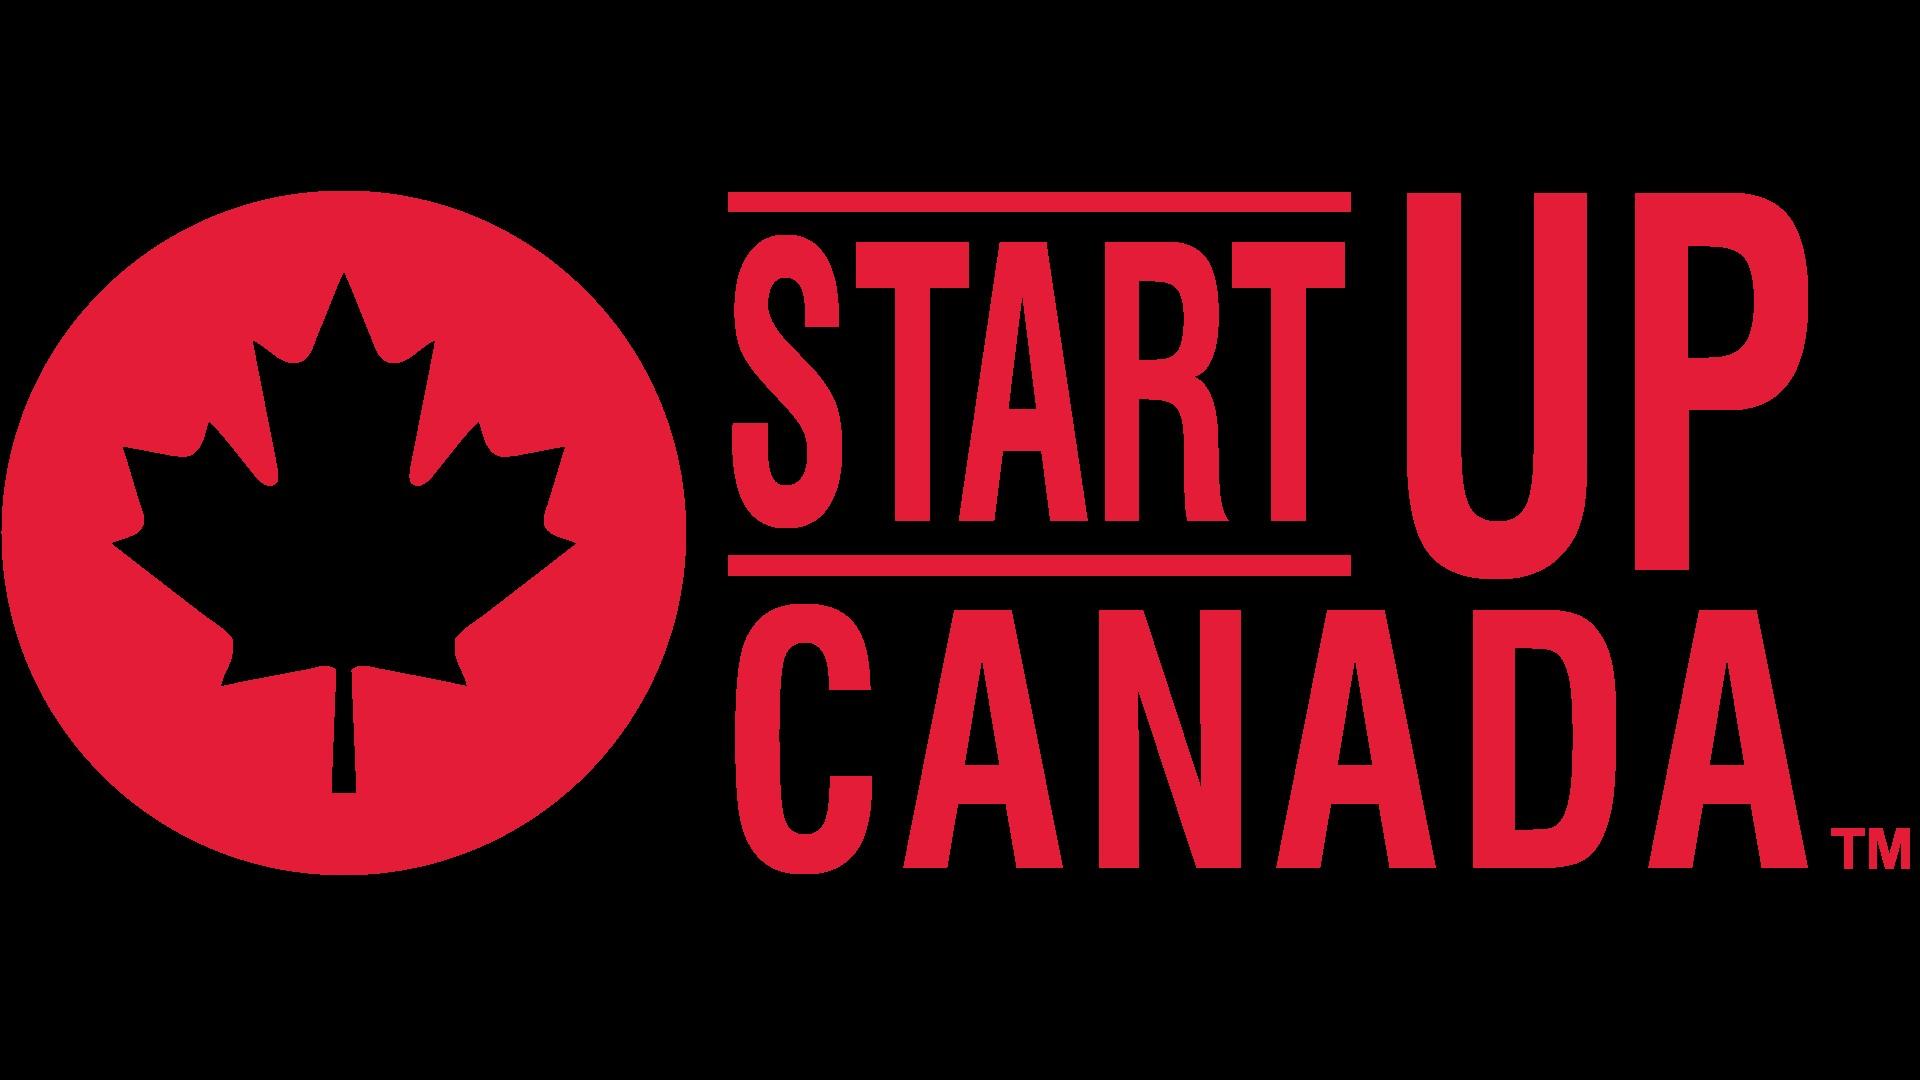 استارت آپ کانادا